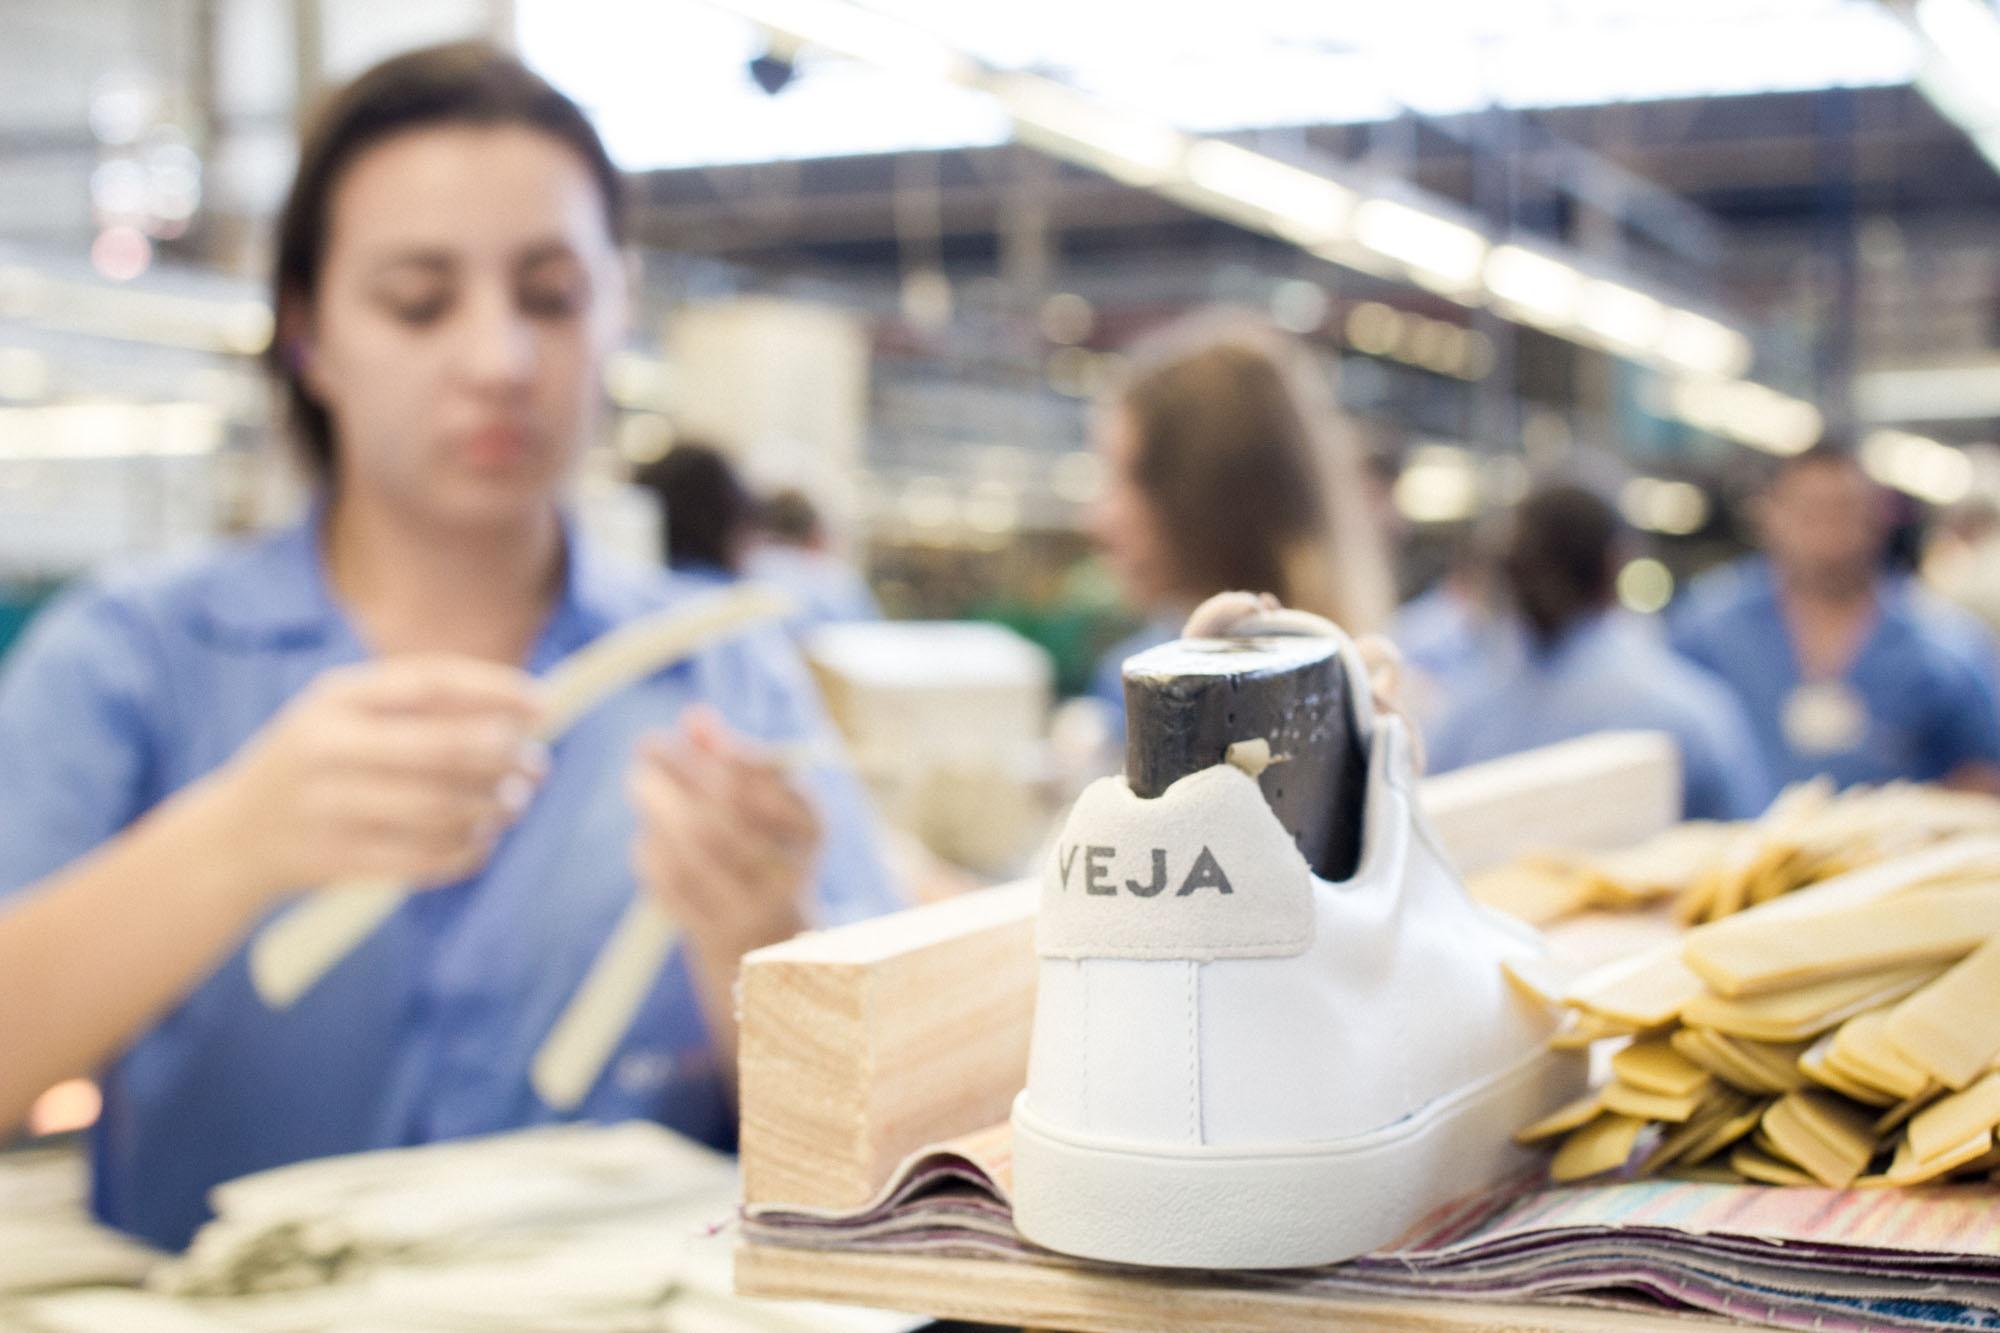 veja-brasil-fabrik-26